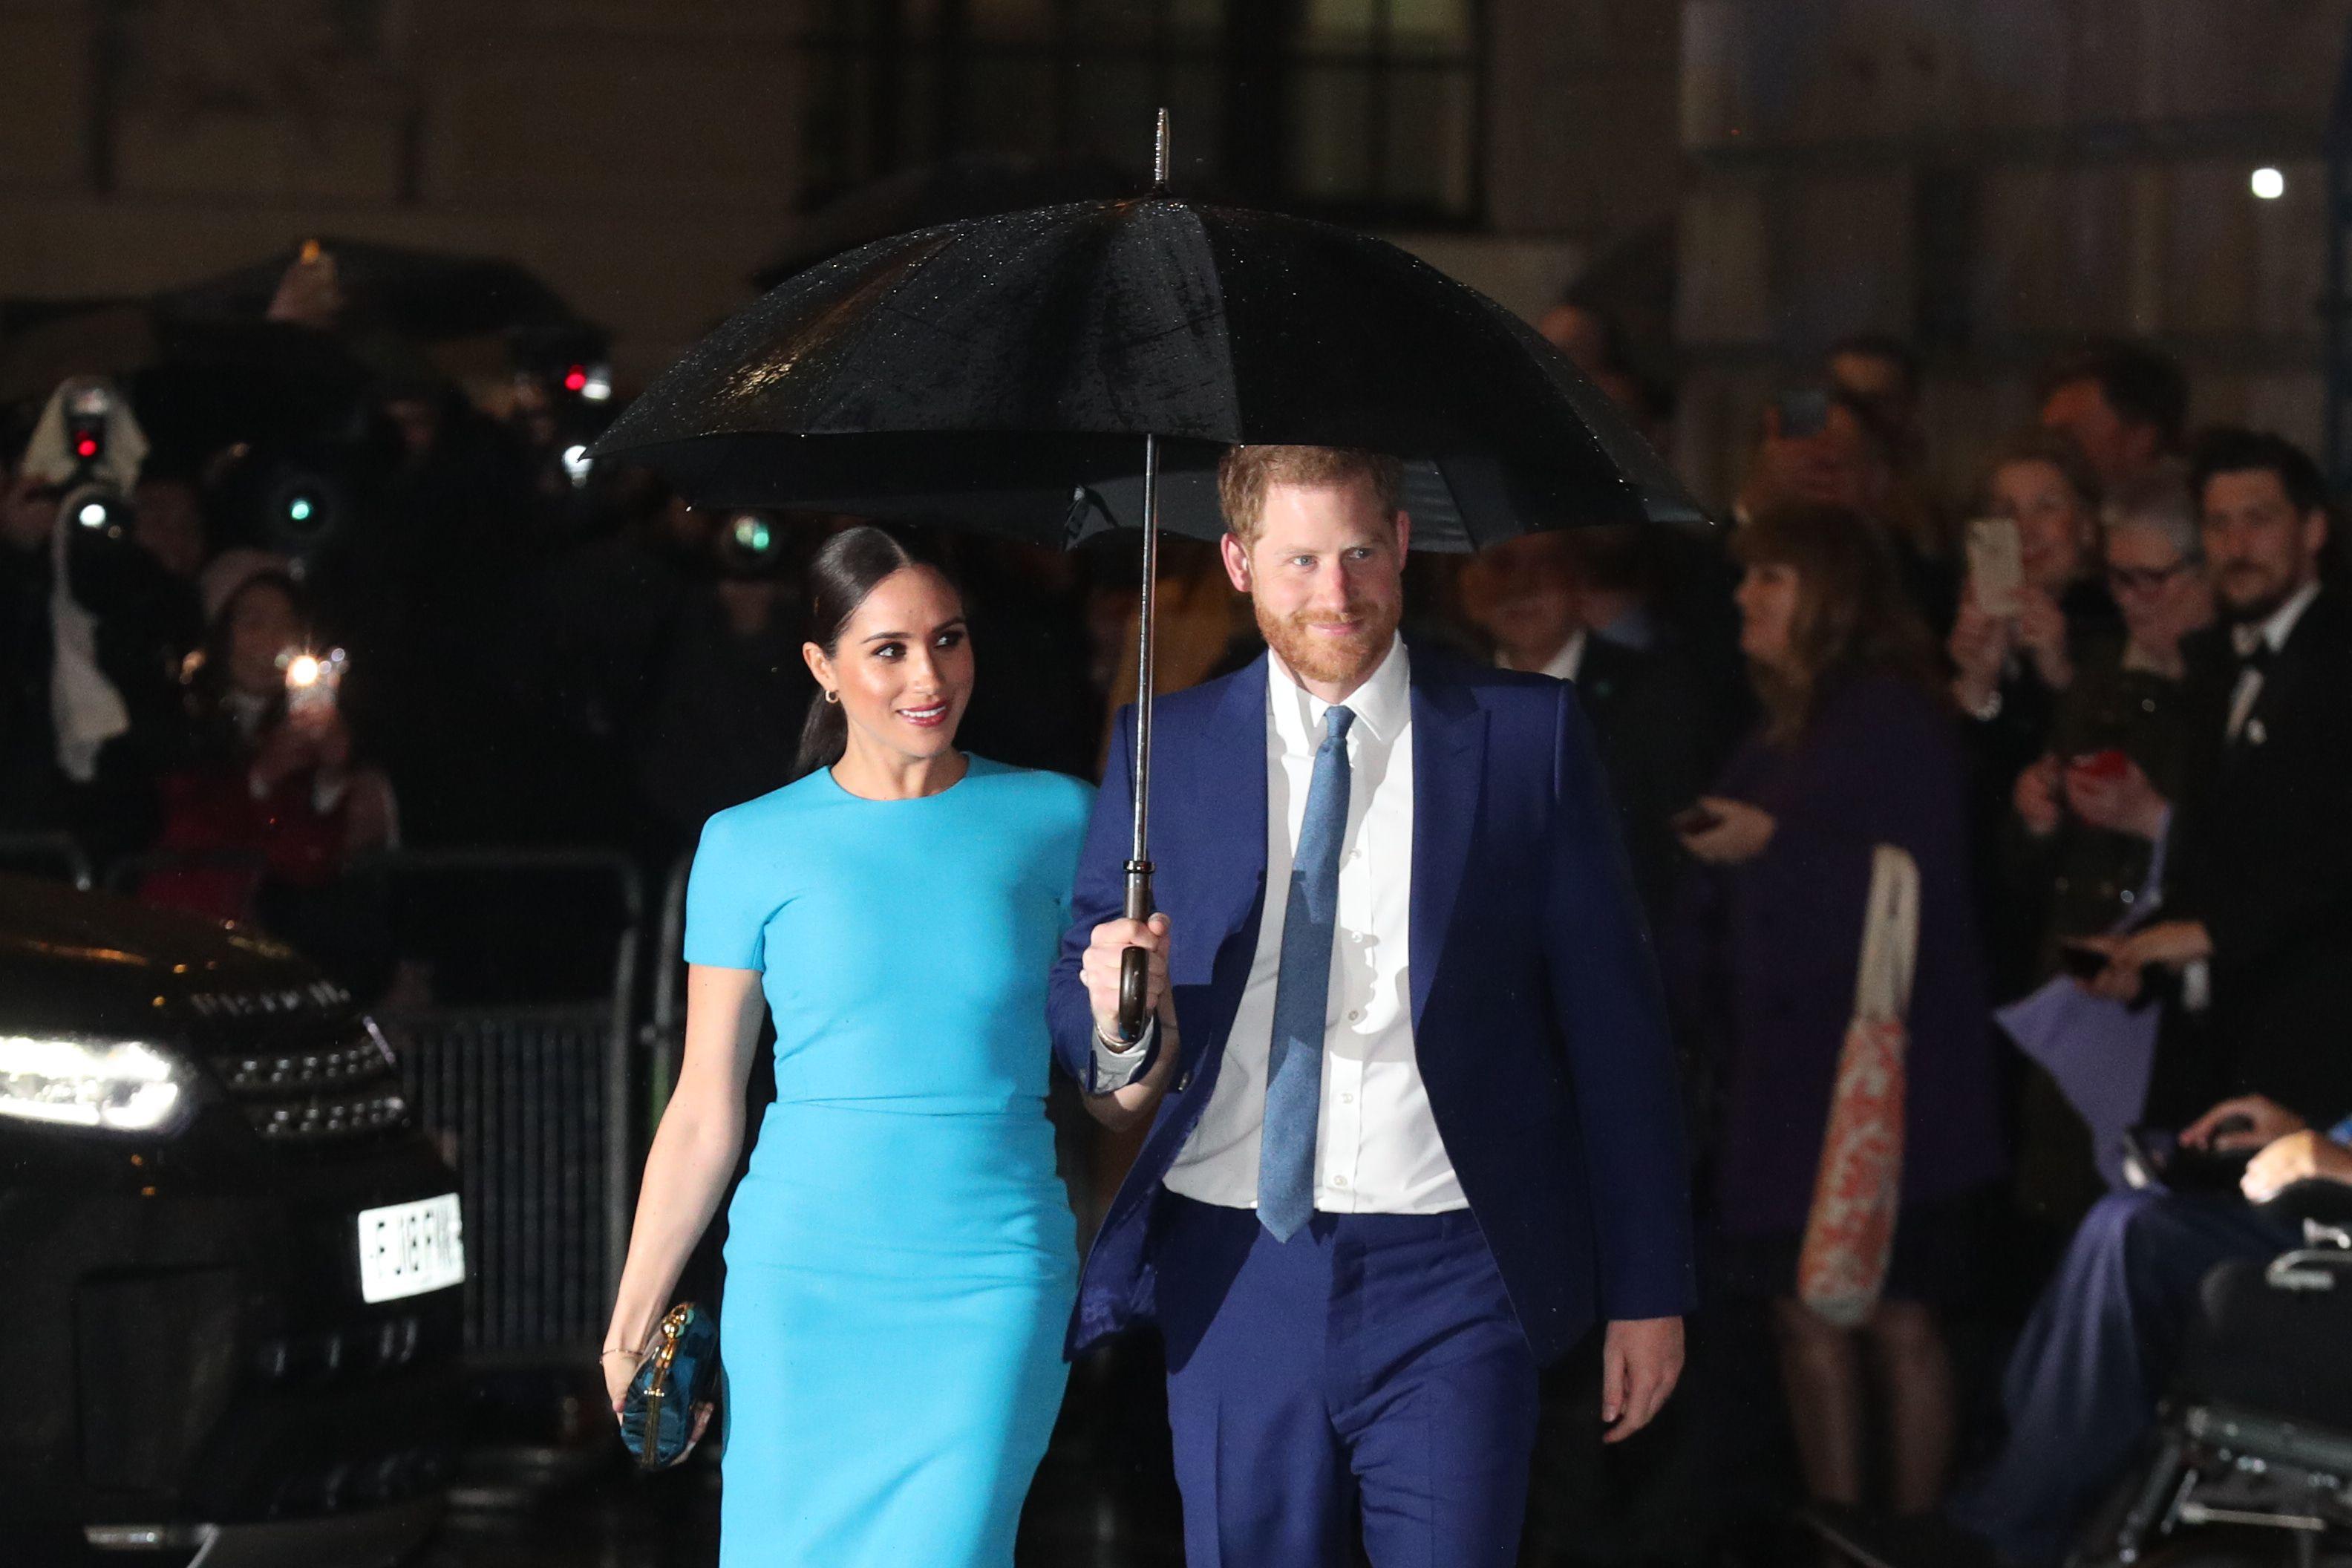 В США снимут фильм о принце Гарри и Меган Маркл